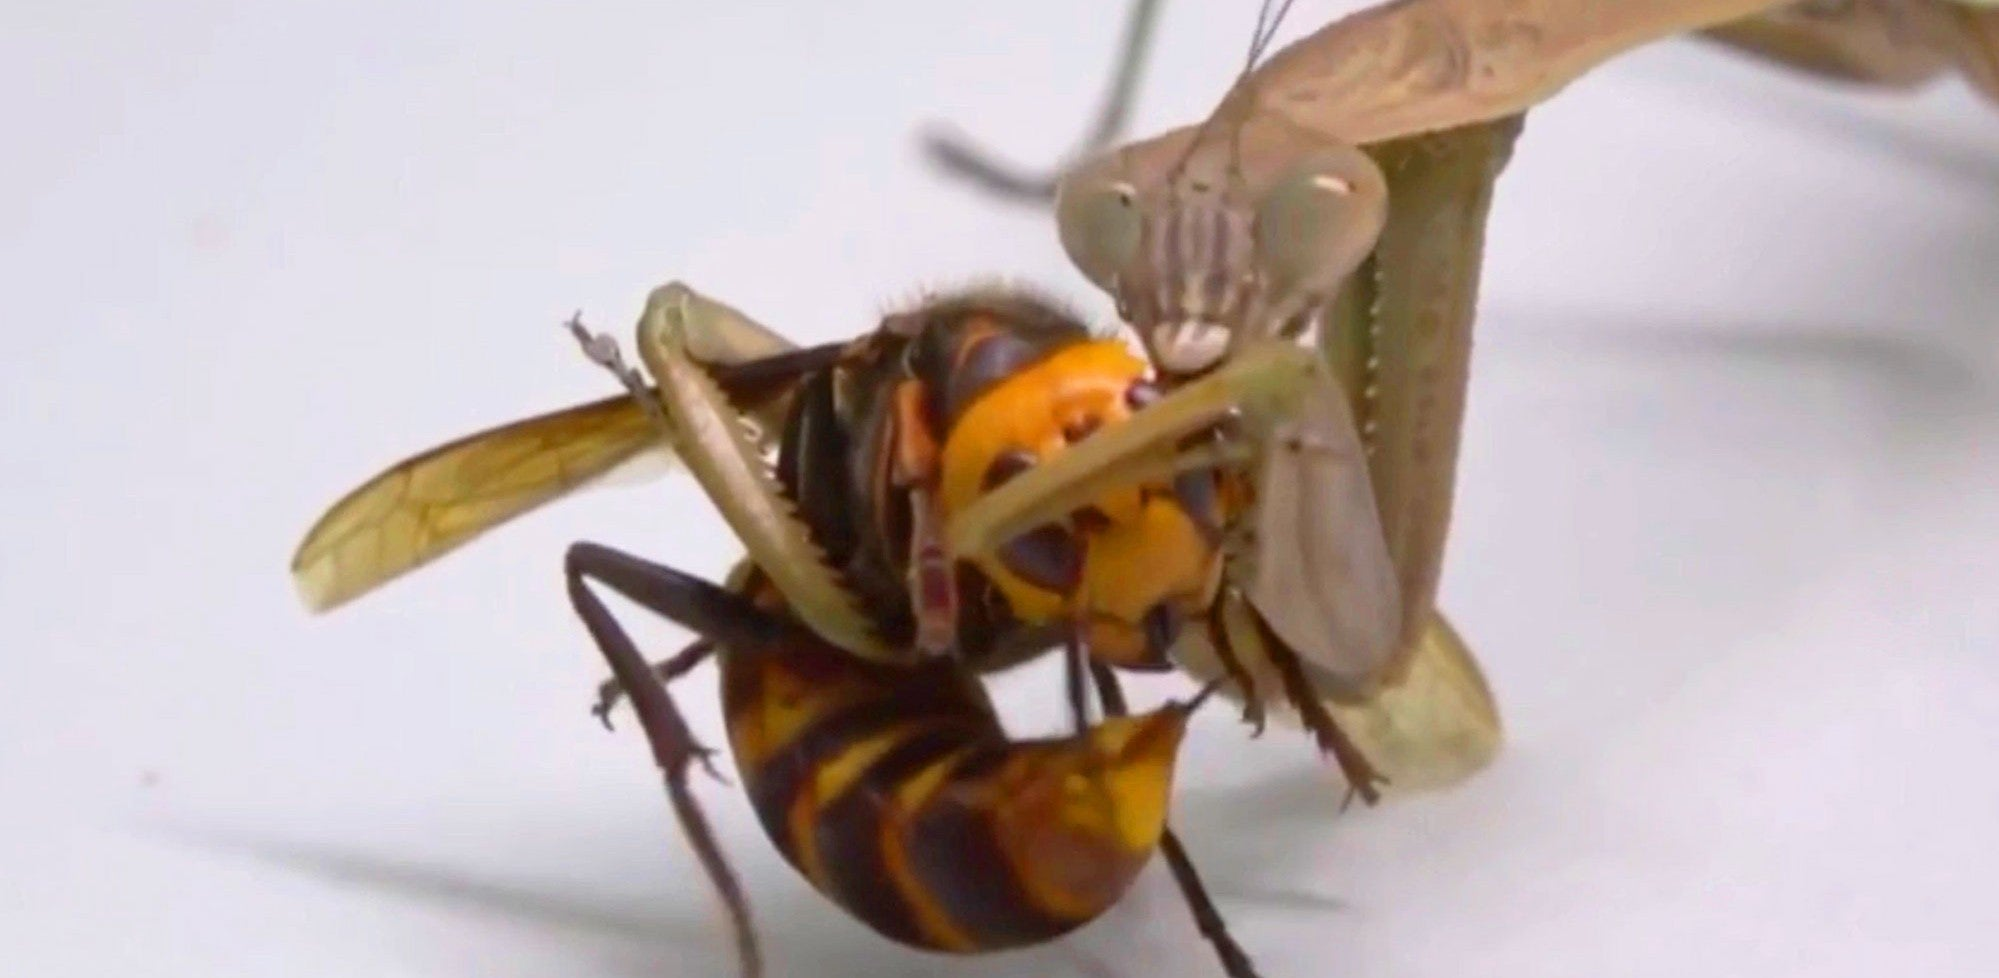 Vídeo chocante mostra 'vespa assassina' sendo comida com vida por louva-deus